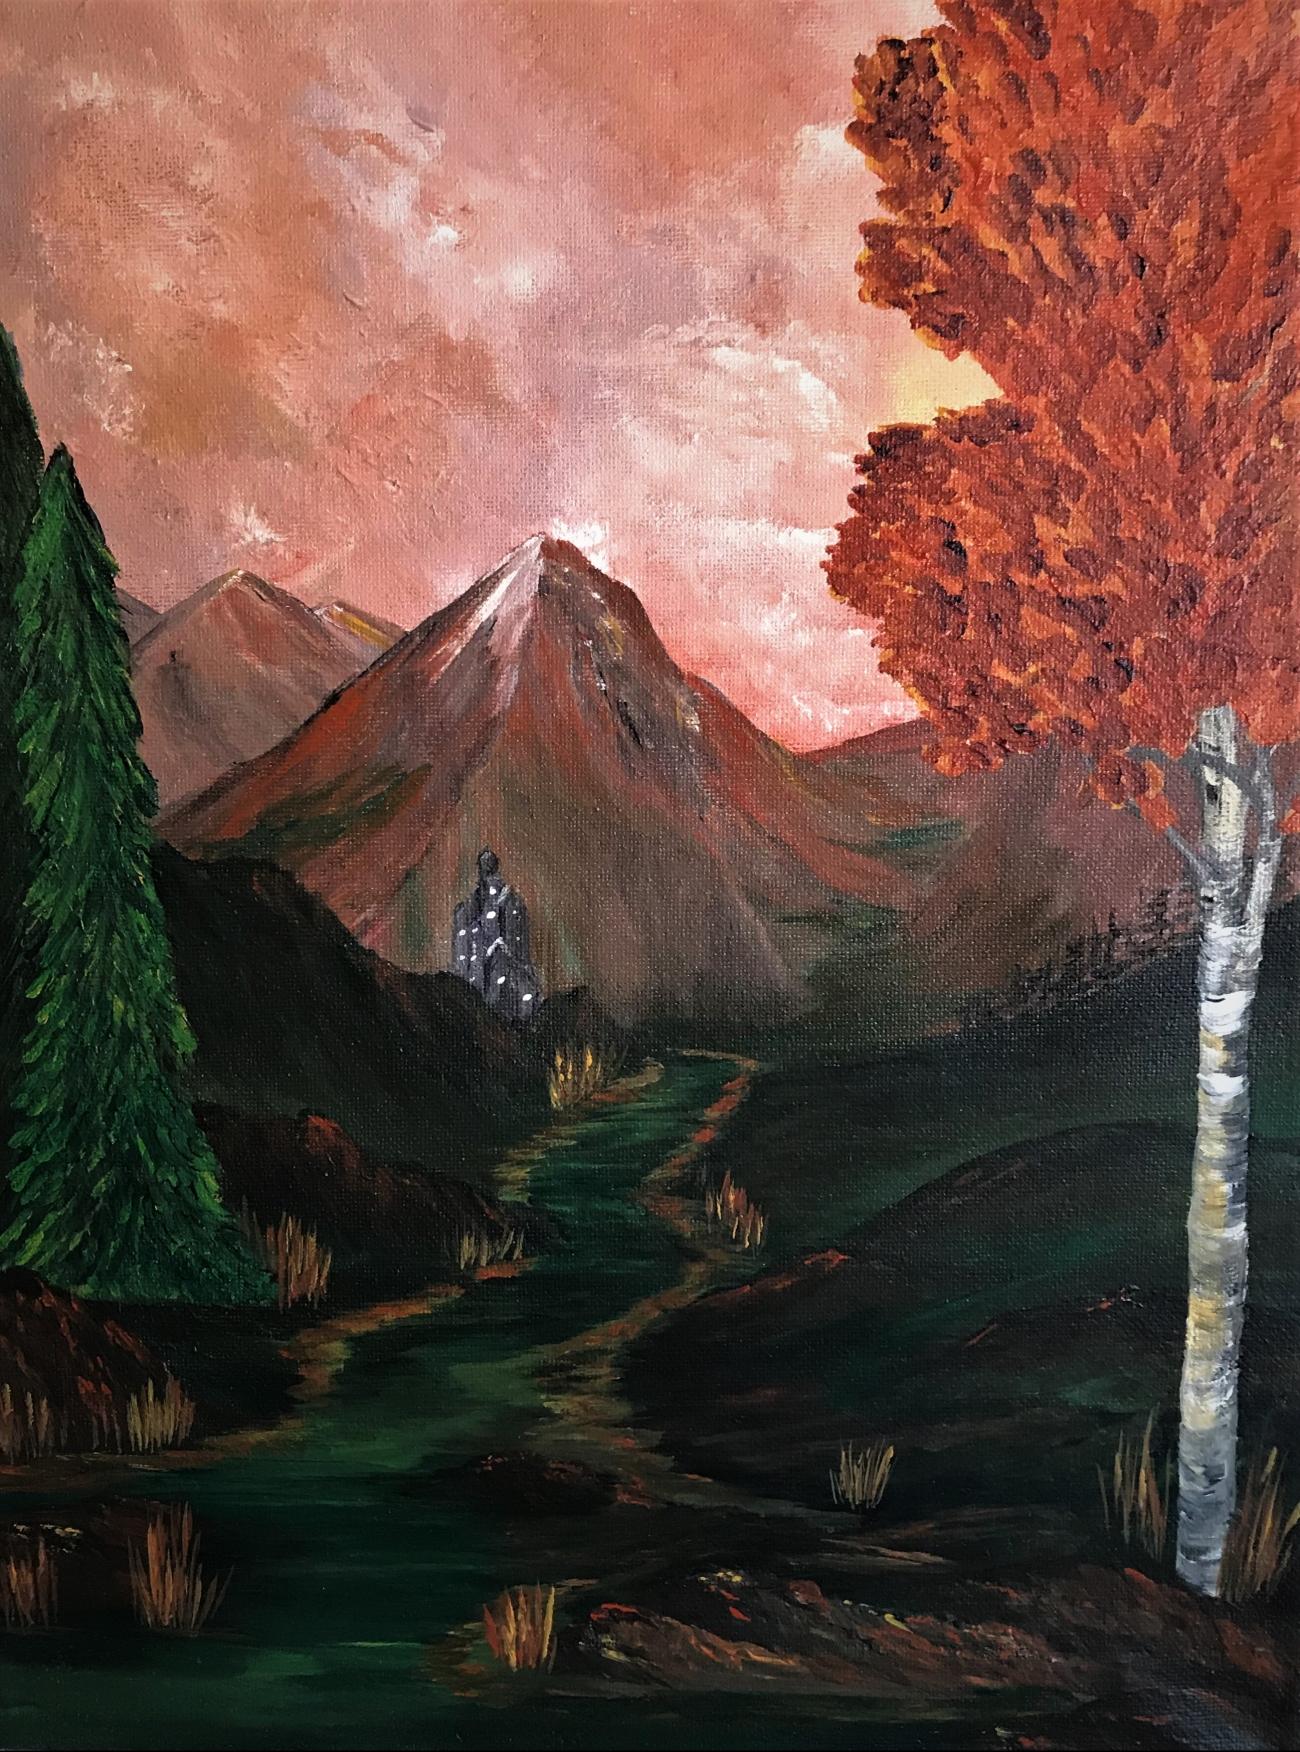 mountainvalleysplendor